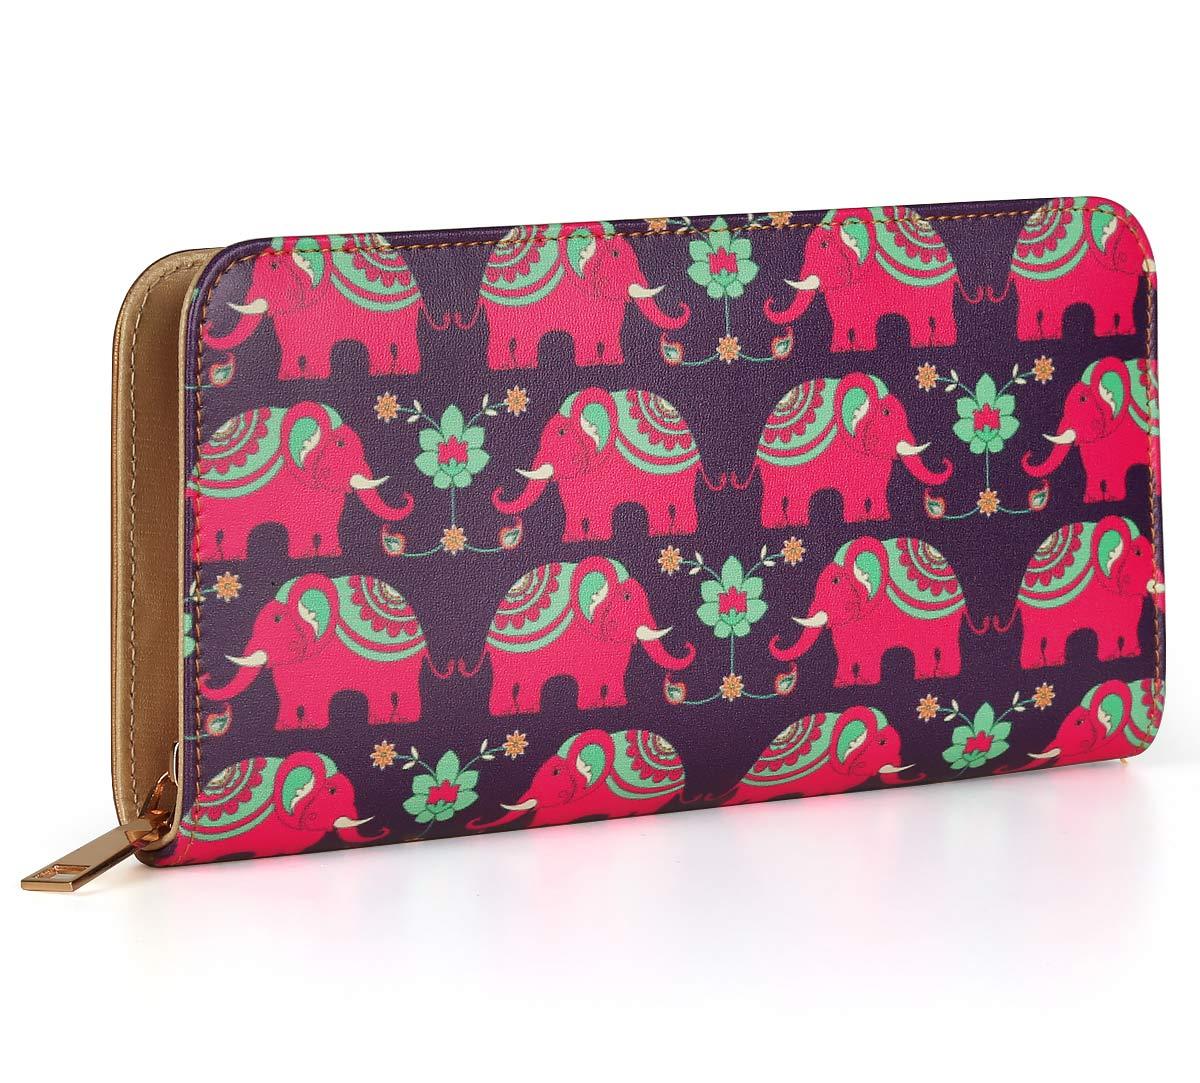 Violet Mastodon's Jamboree Ladies Zipper Wallet